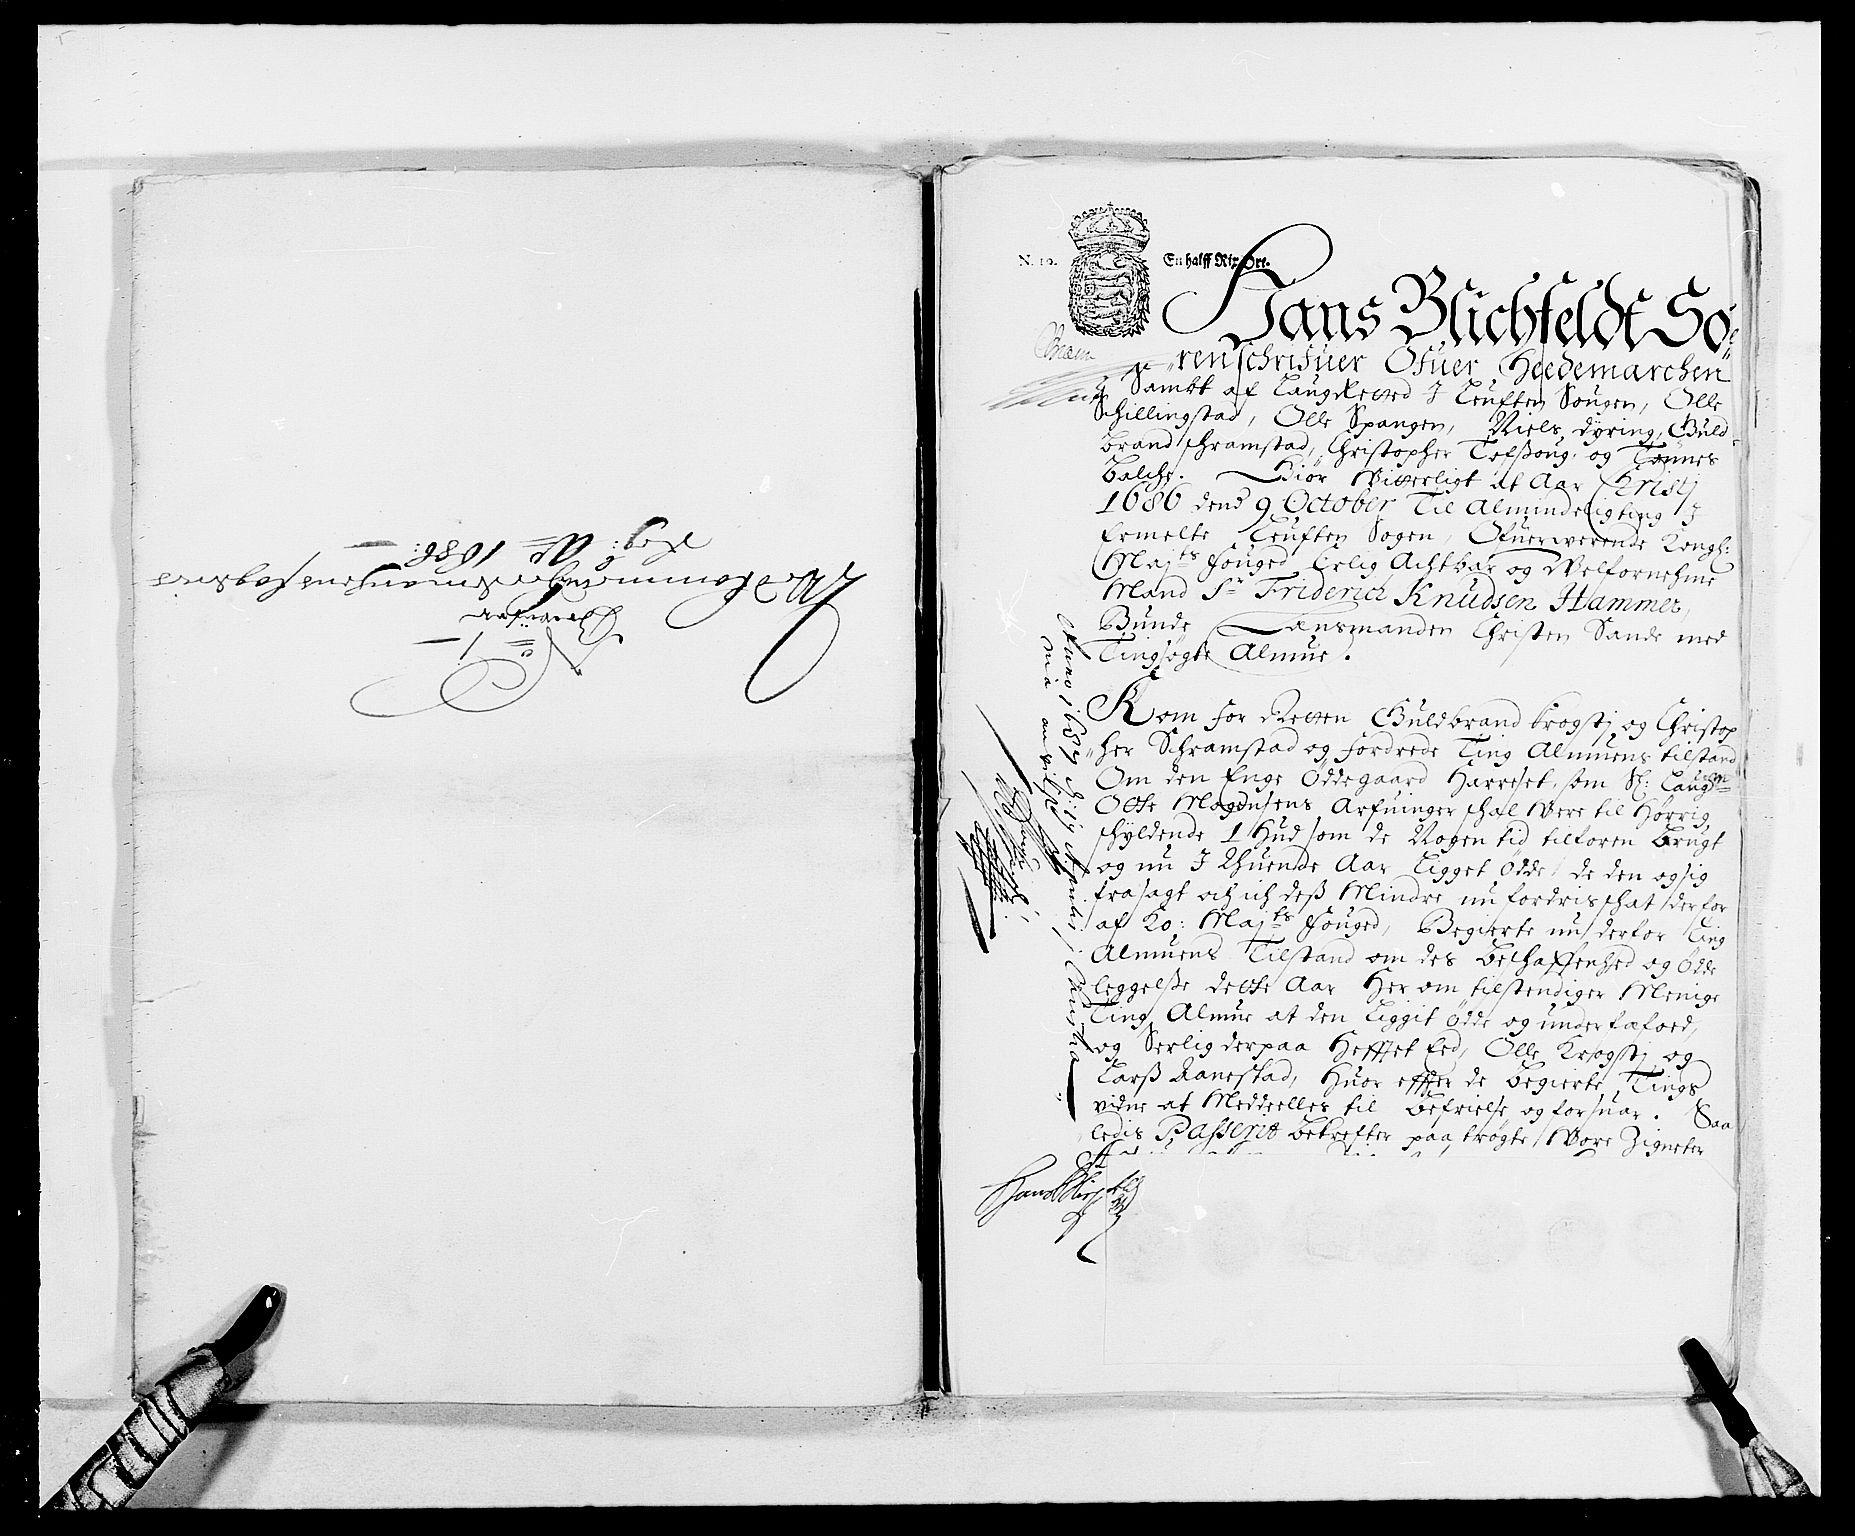 RA, Rentekammeret inntil 1814, Reviderte regnskaper, Fogderegnskap, R16/L1027: Fogderegnskap Hedmark, 1686, s. 388